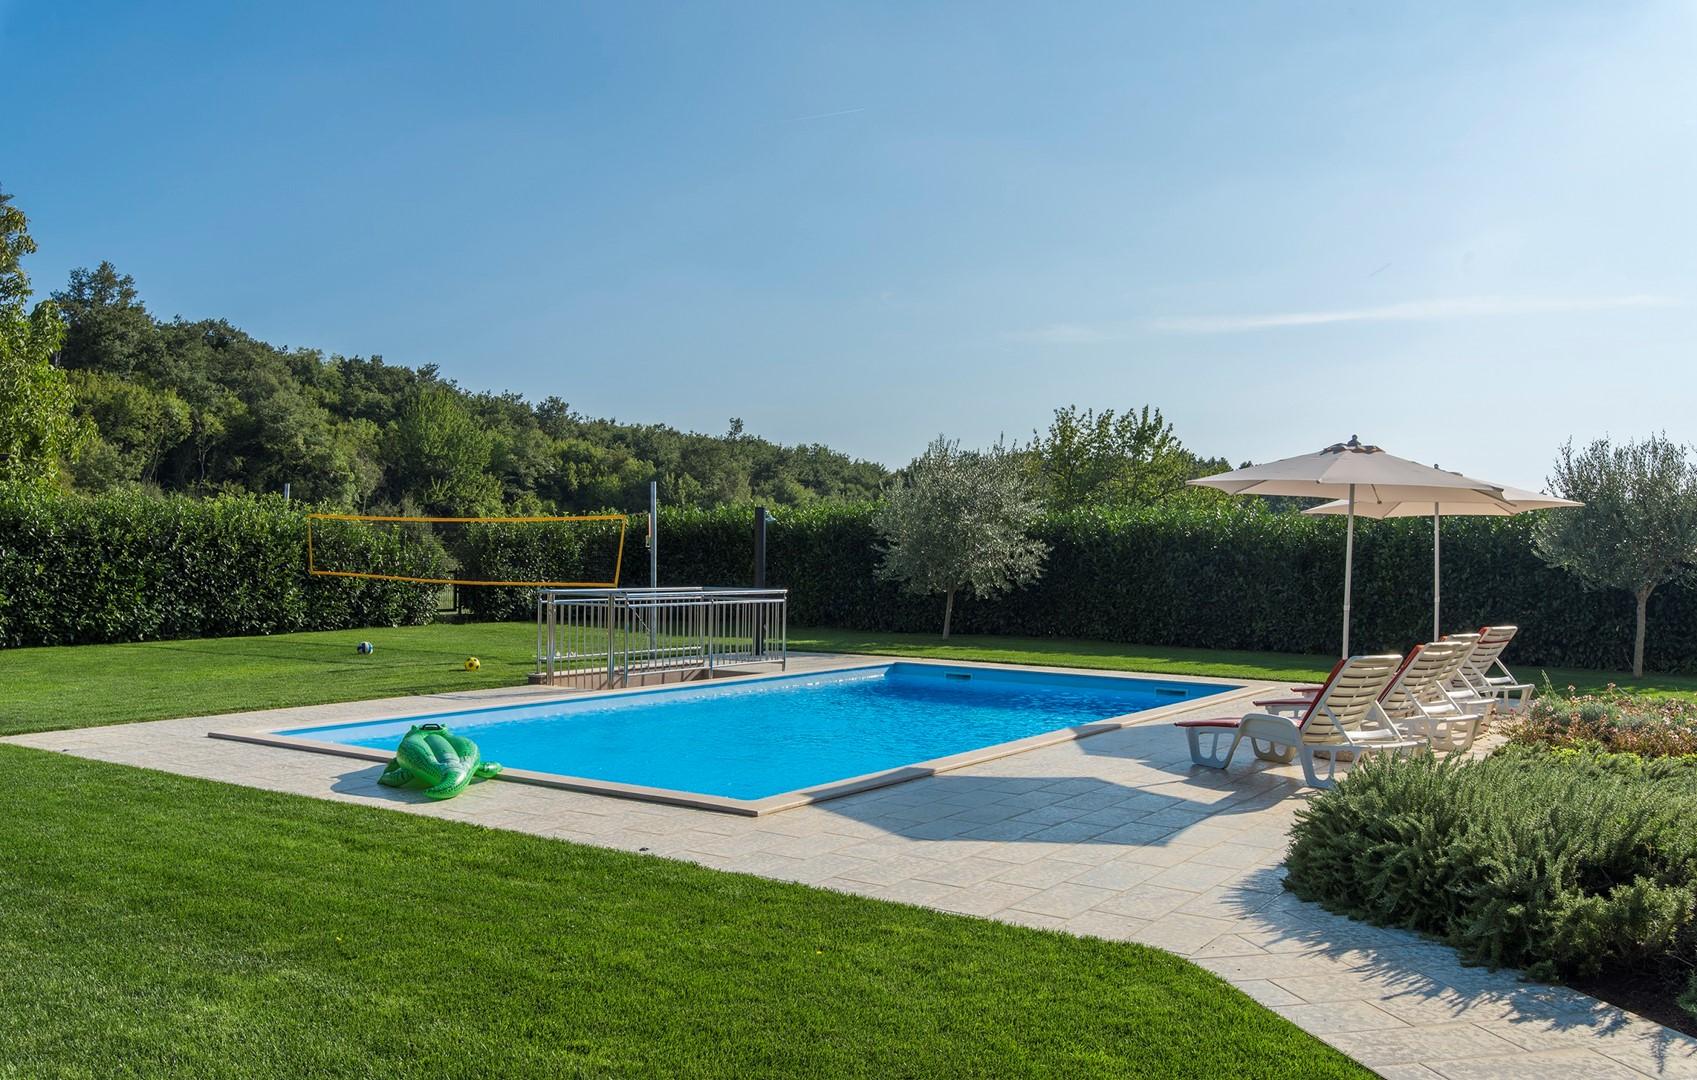 Ferienhaus Geräumige Villa Nikka mit schönem Garten und Pool (1412592), Kanfanar, , Istrien, Kroatien, Bild 7